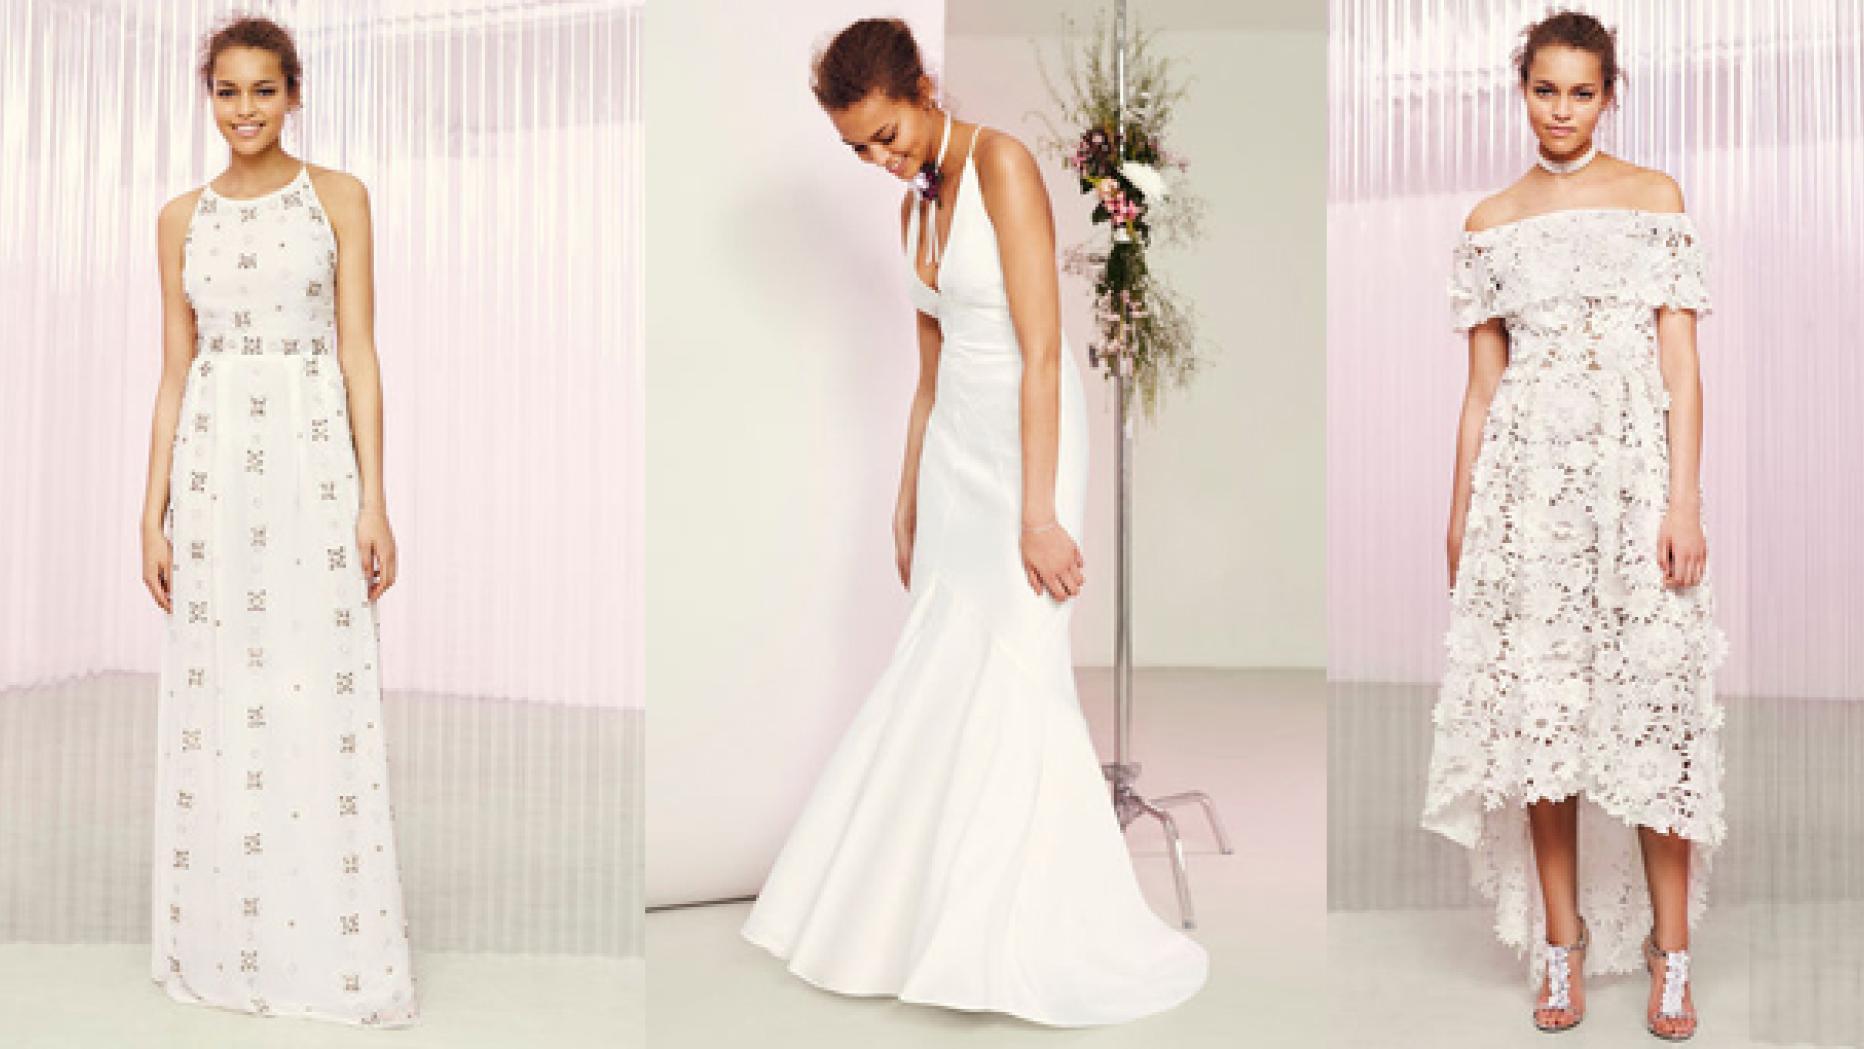 Mein Brautkleid? Sieht teuer aus, ist es aber nicht  kurier.at